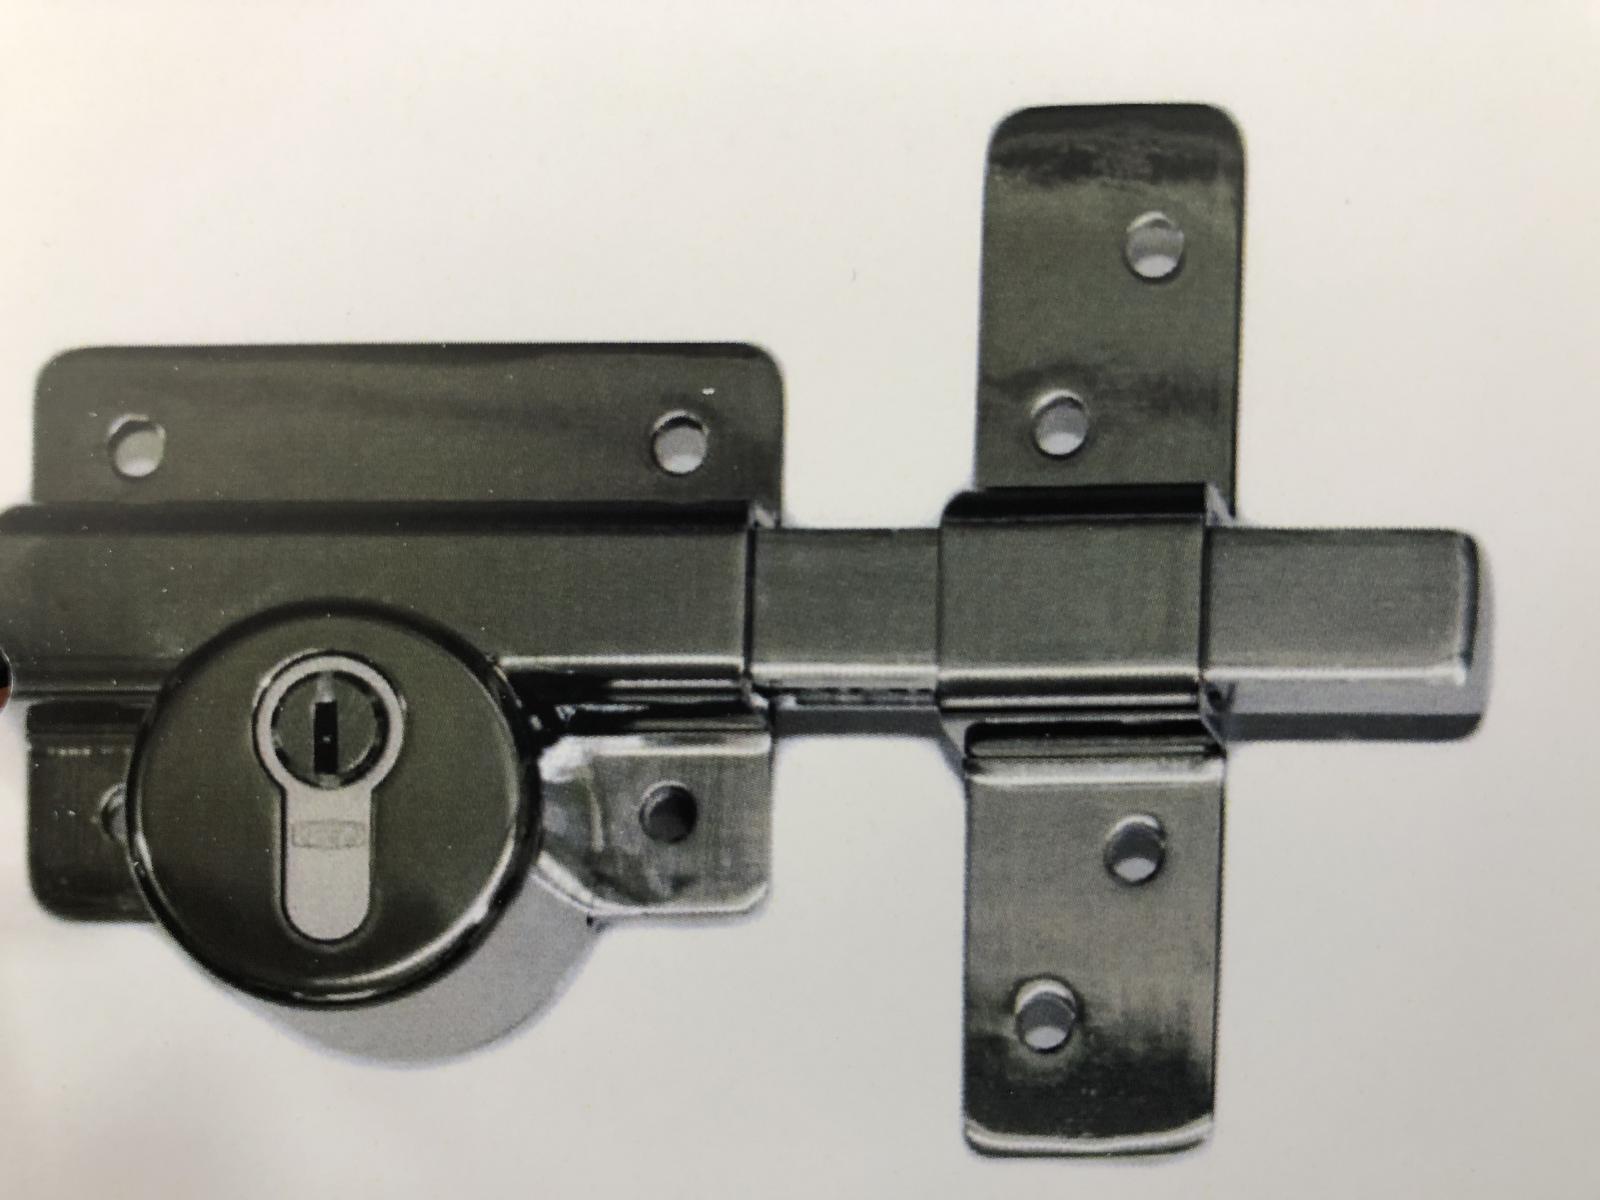 Ventajas de instalar cerrojos acorazados